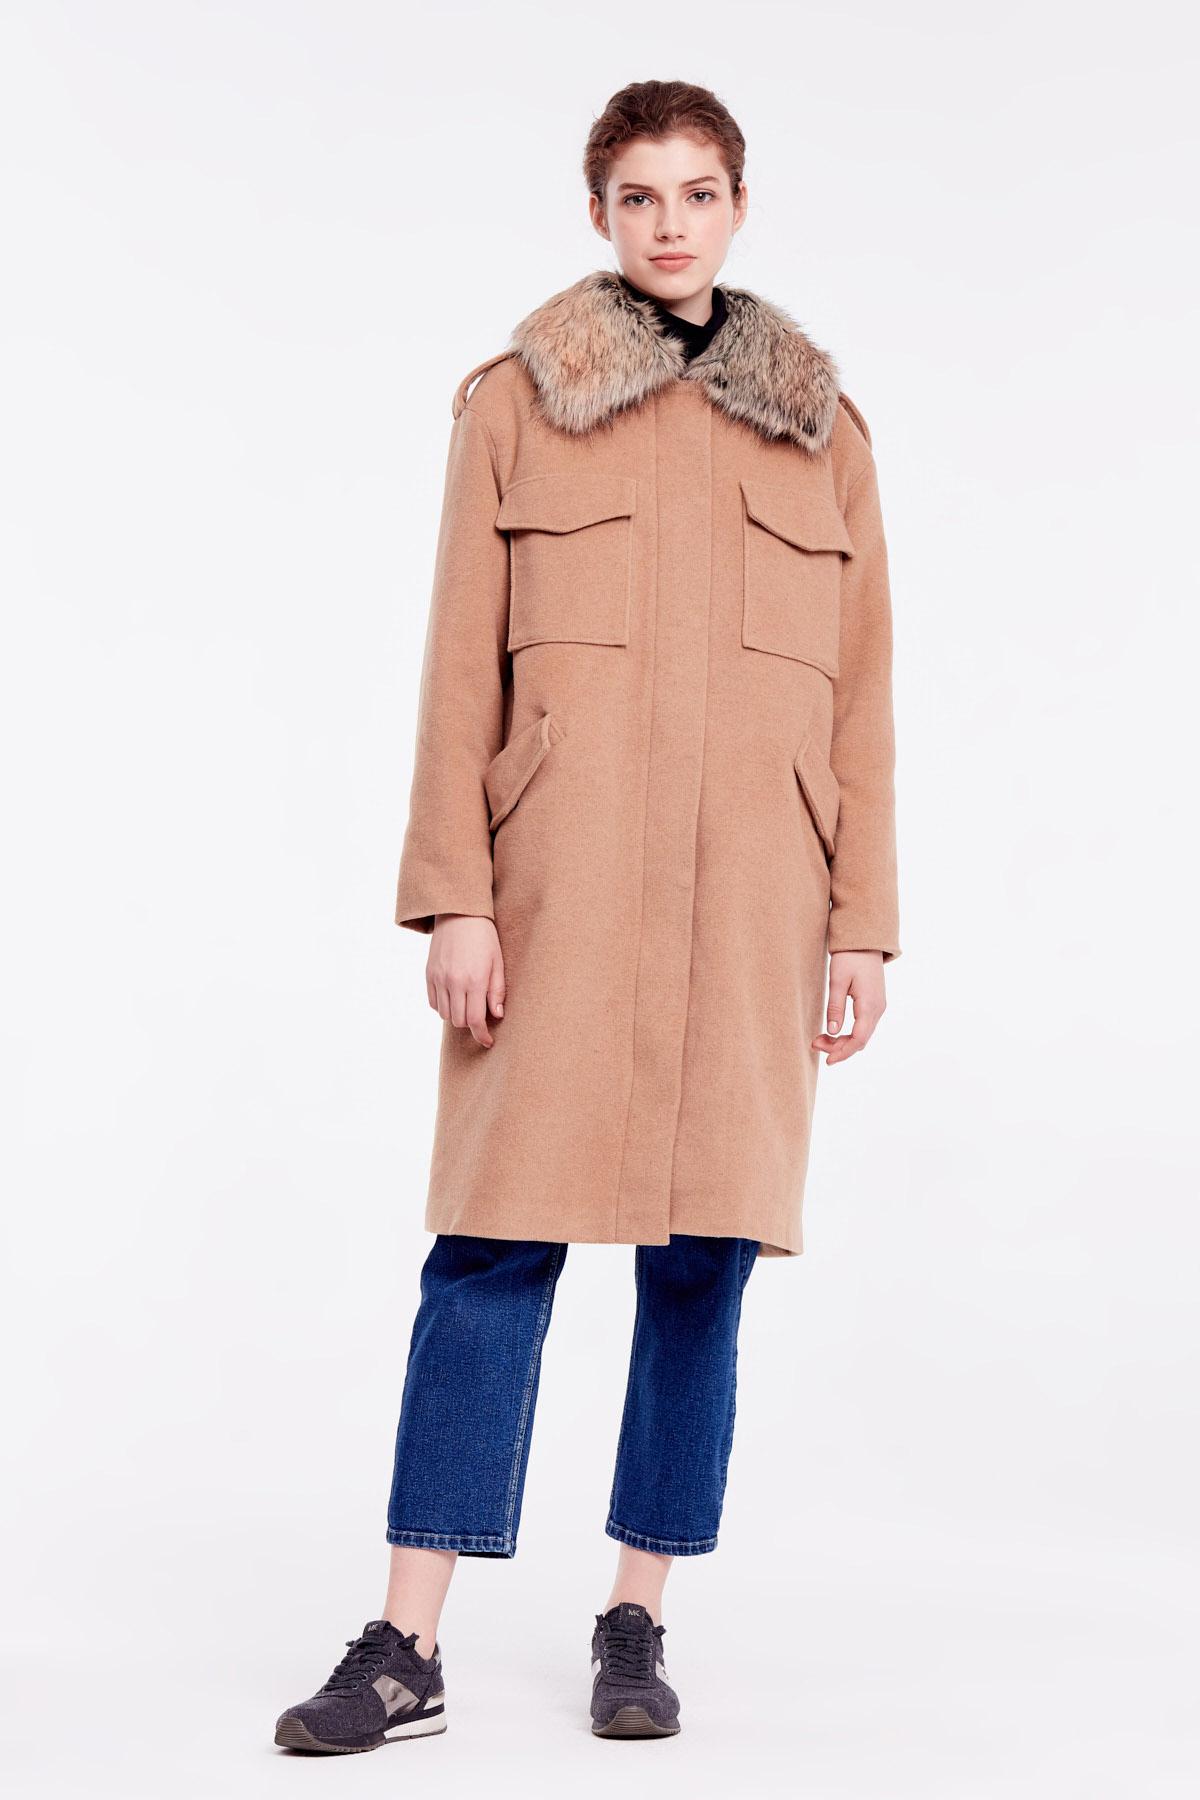 Пальто женские MustHave модель 6158 приобрести, 2017